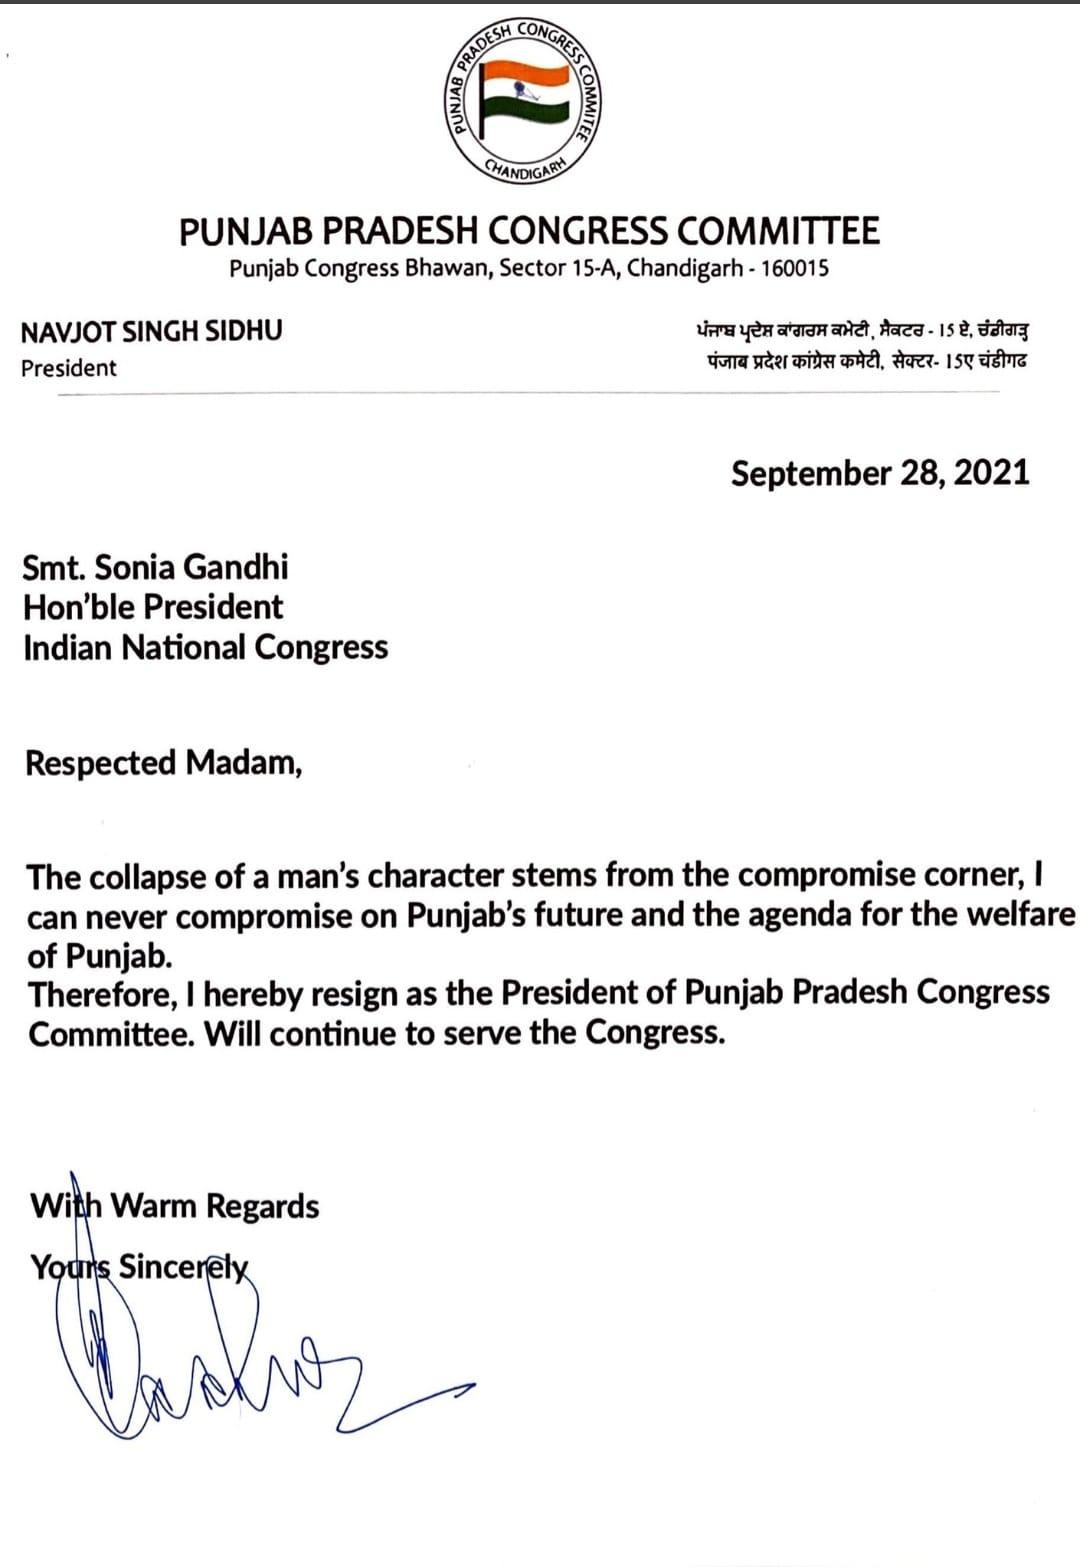 कांग्रेस की अंतरिम अध्यक्ष को भेजा गया नवजोत सिंह सिद्धू का इस्तीफा।